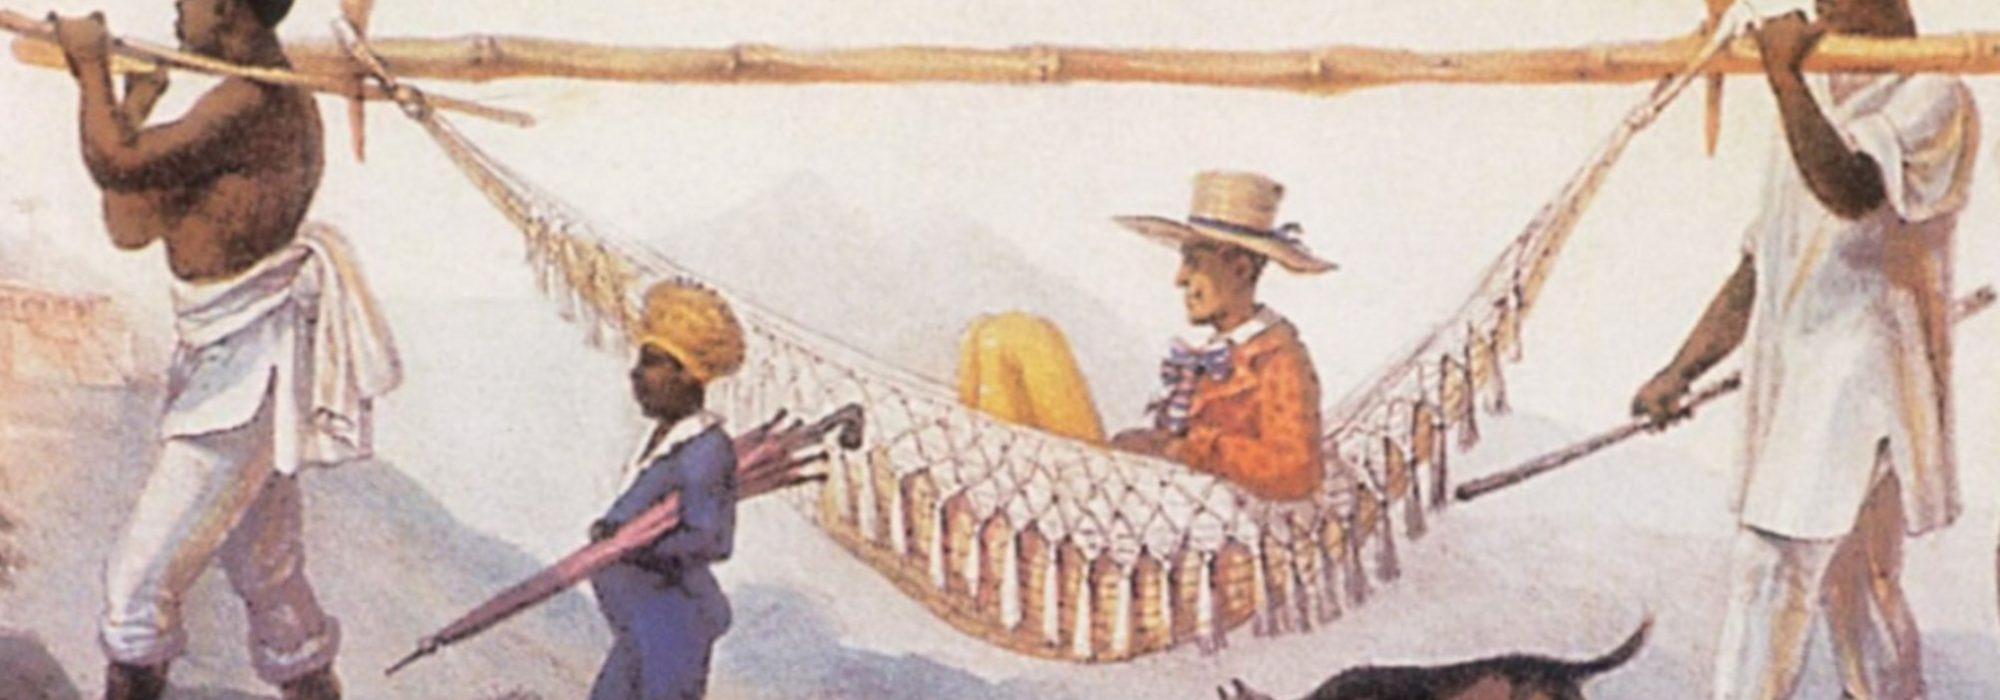 Imagem: Regresso de um proprietário (Debret, 1816, detalhe)